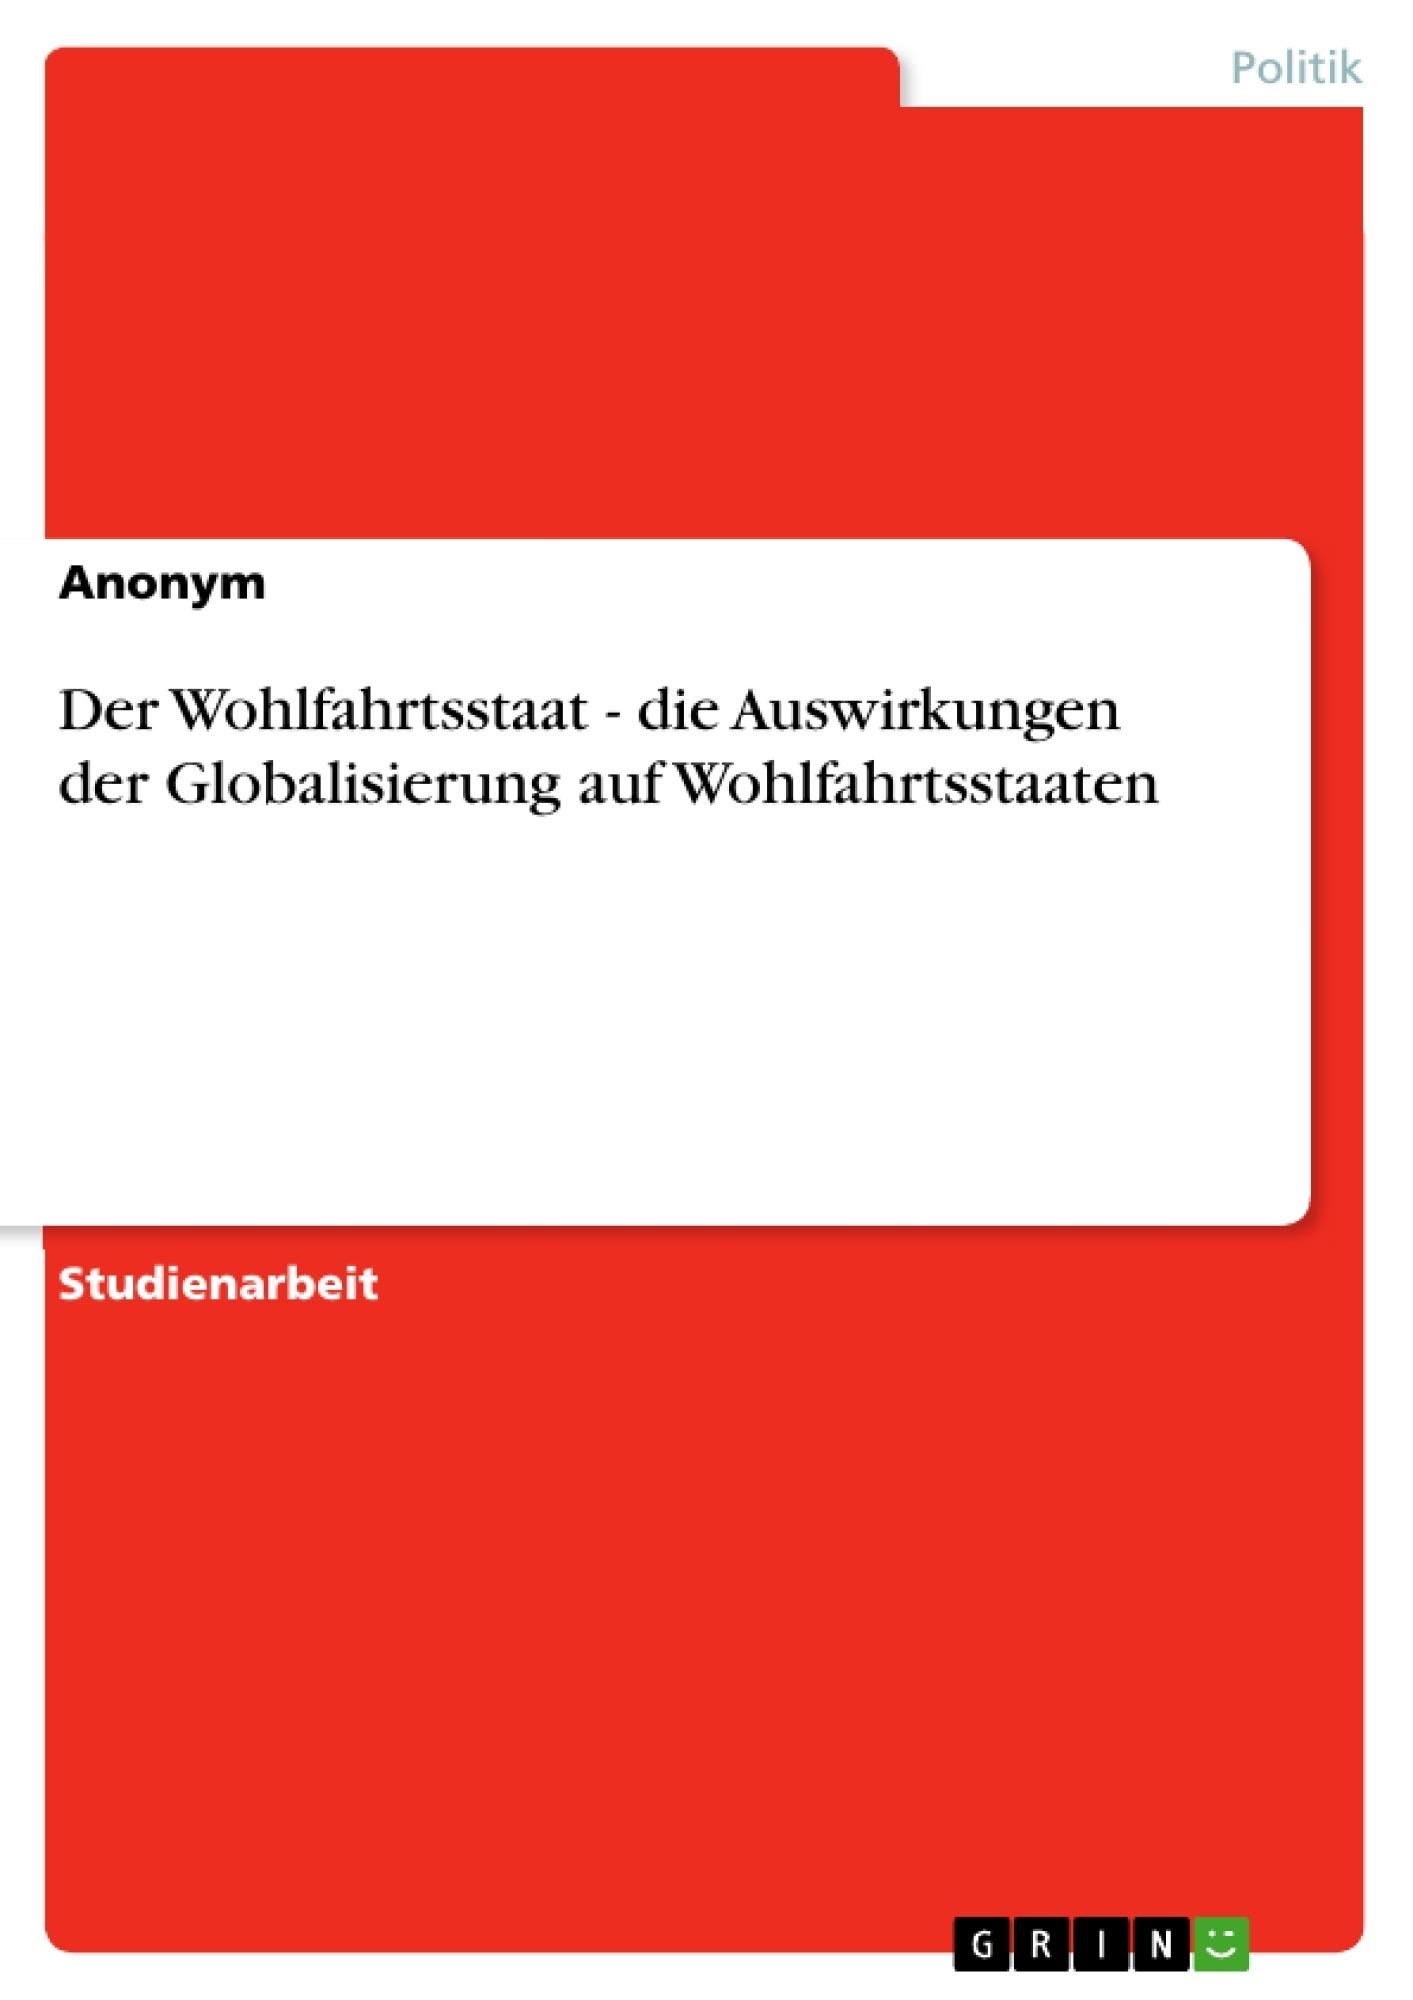 Titel: Der Wohlfahrtsstaat - die Auswirkungen der Globalisierung auf Wohlfahrtsstaaten